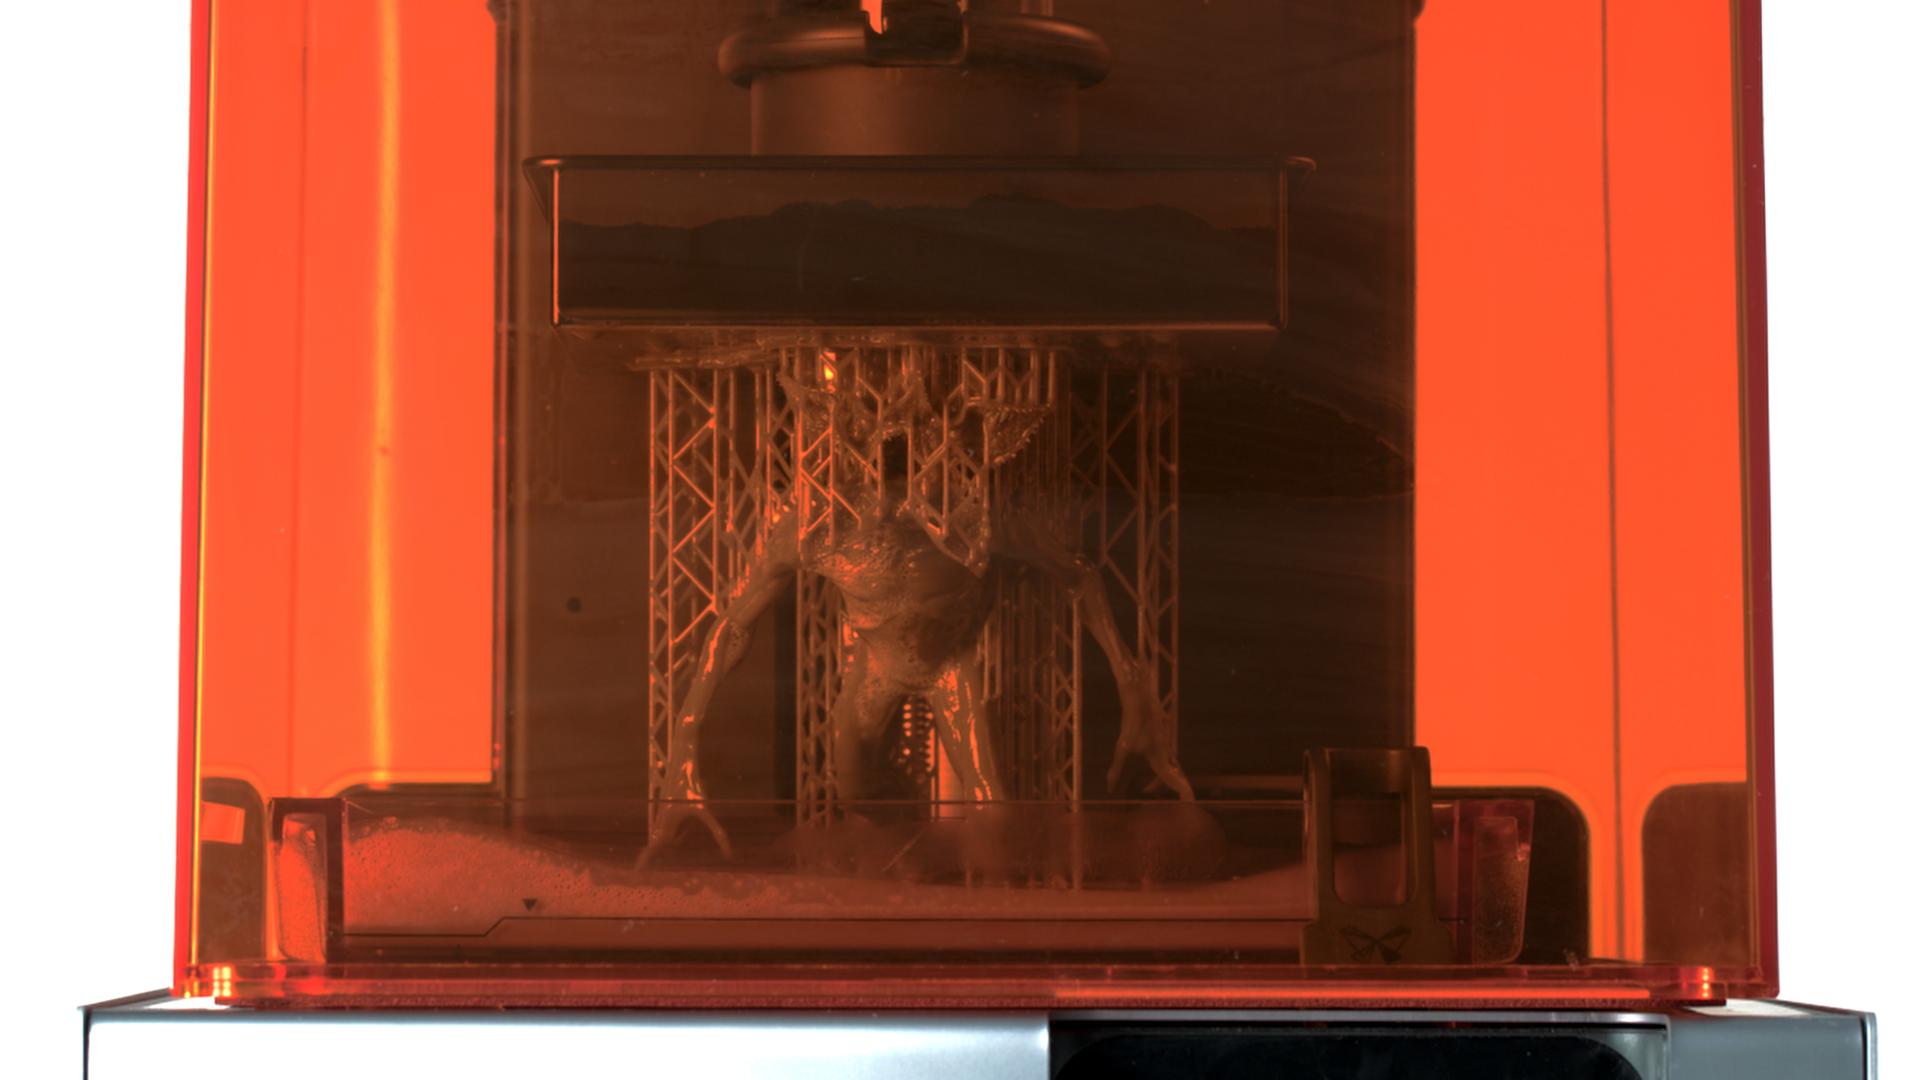 خلق هیولای سریال Stranger Things با پرینت سه بعدی SLA - 8